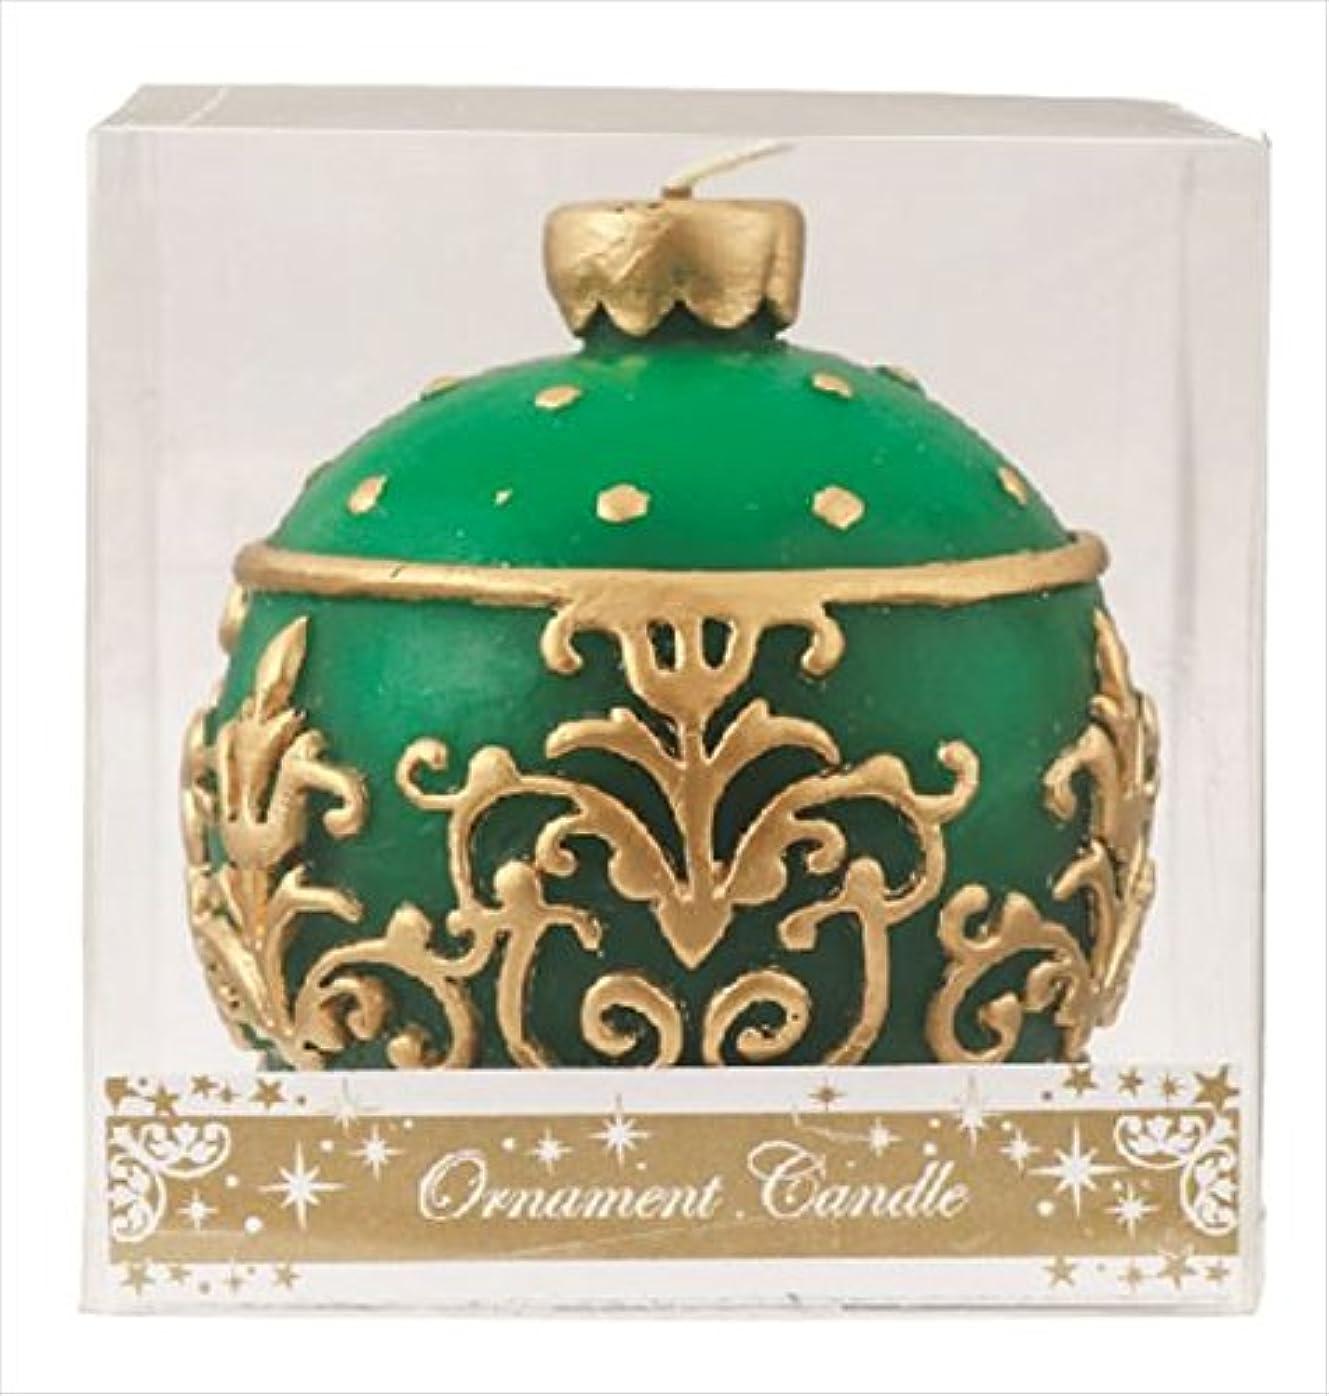 ゾーンぼかす雪カメヤマキャンドル(kameyama candle) オーナメントキャンドル 「 グリーン 」